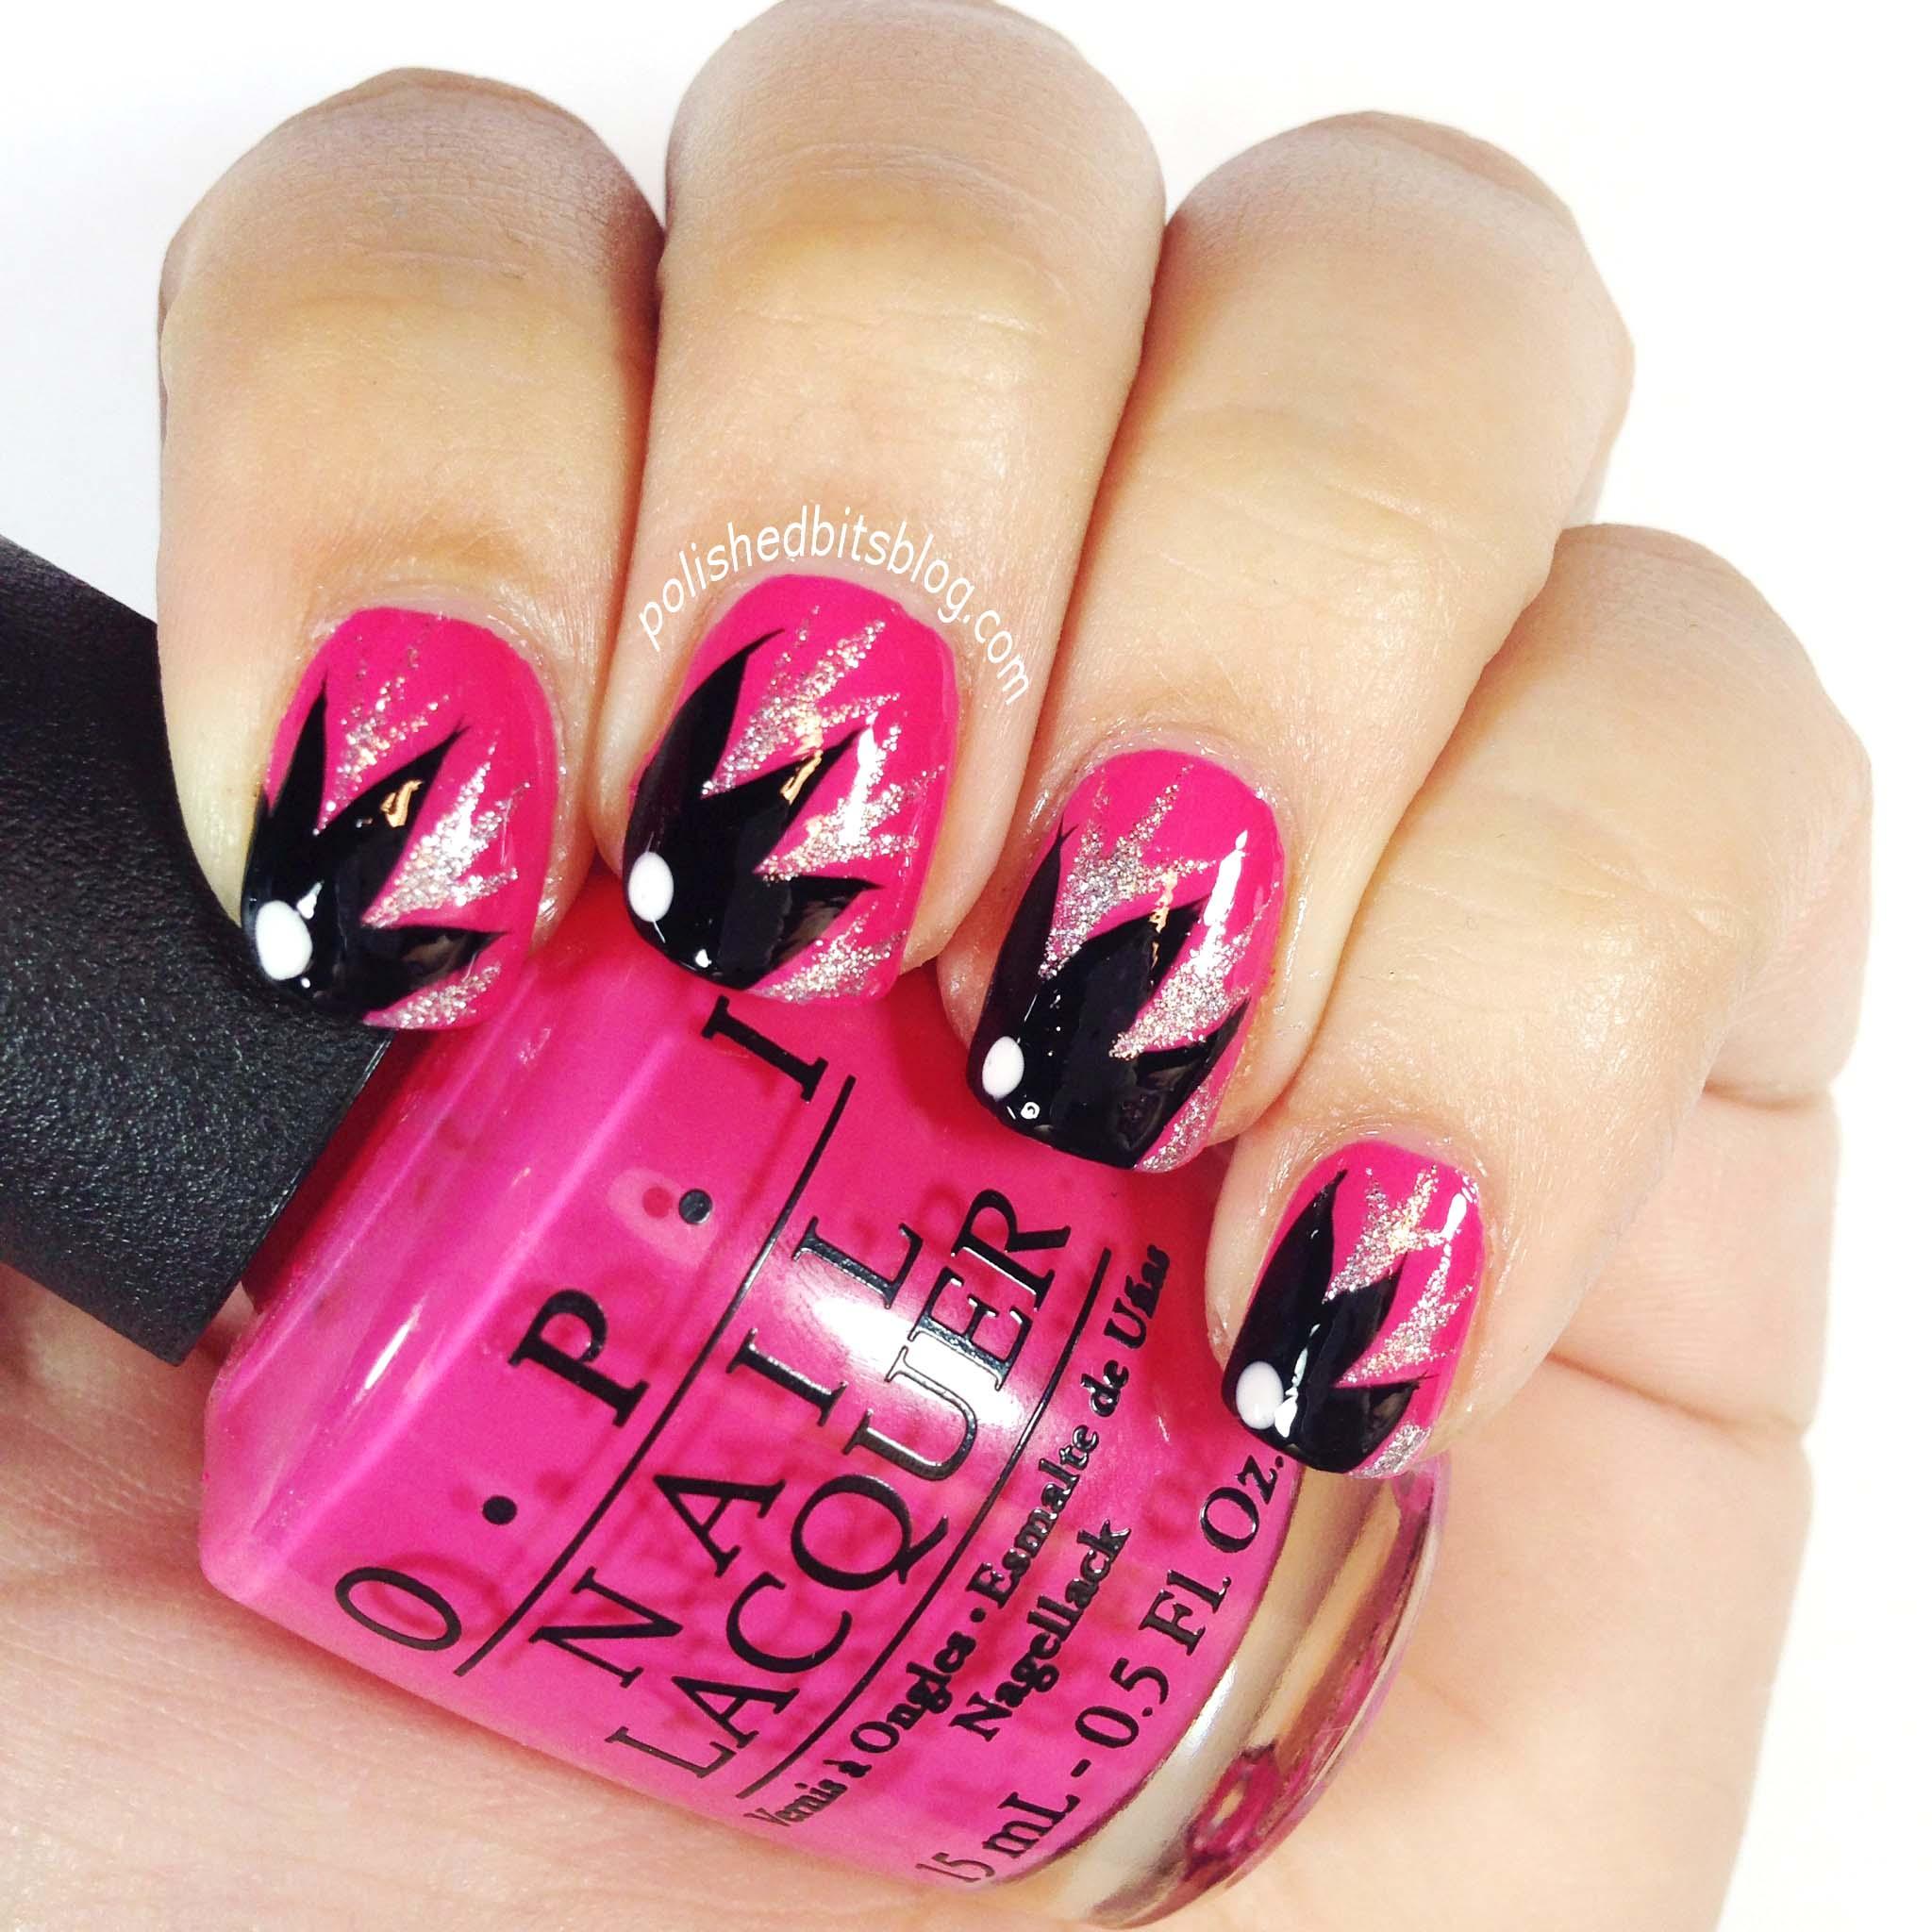 Nail Art With Pink And Black Nail Paint: Zebra nail art designs ...